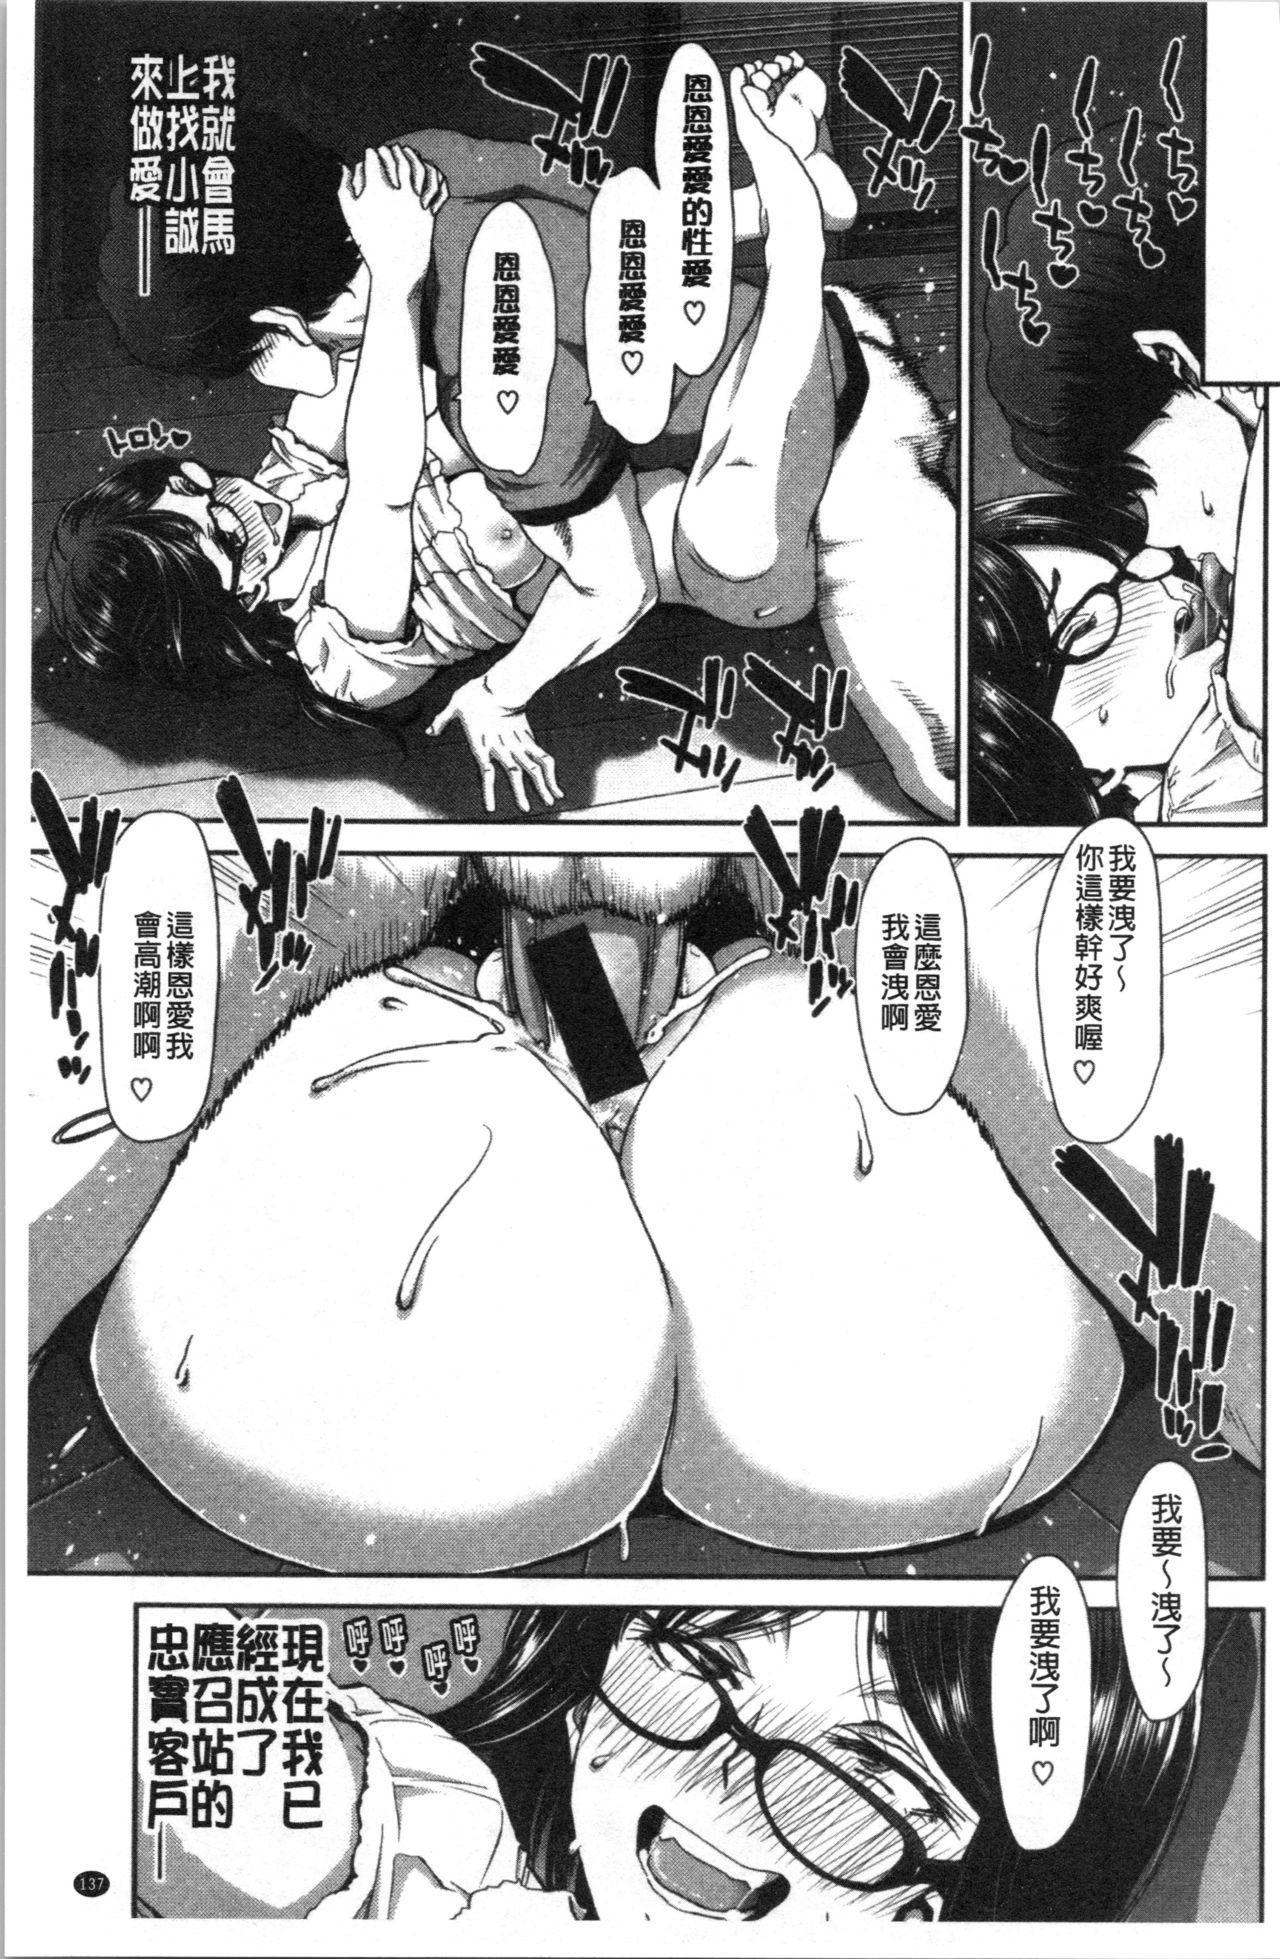 Ochinchin Rental - Rent a dick, and ride!! | 粗粗大肉棒租賃服務 139